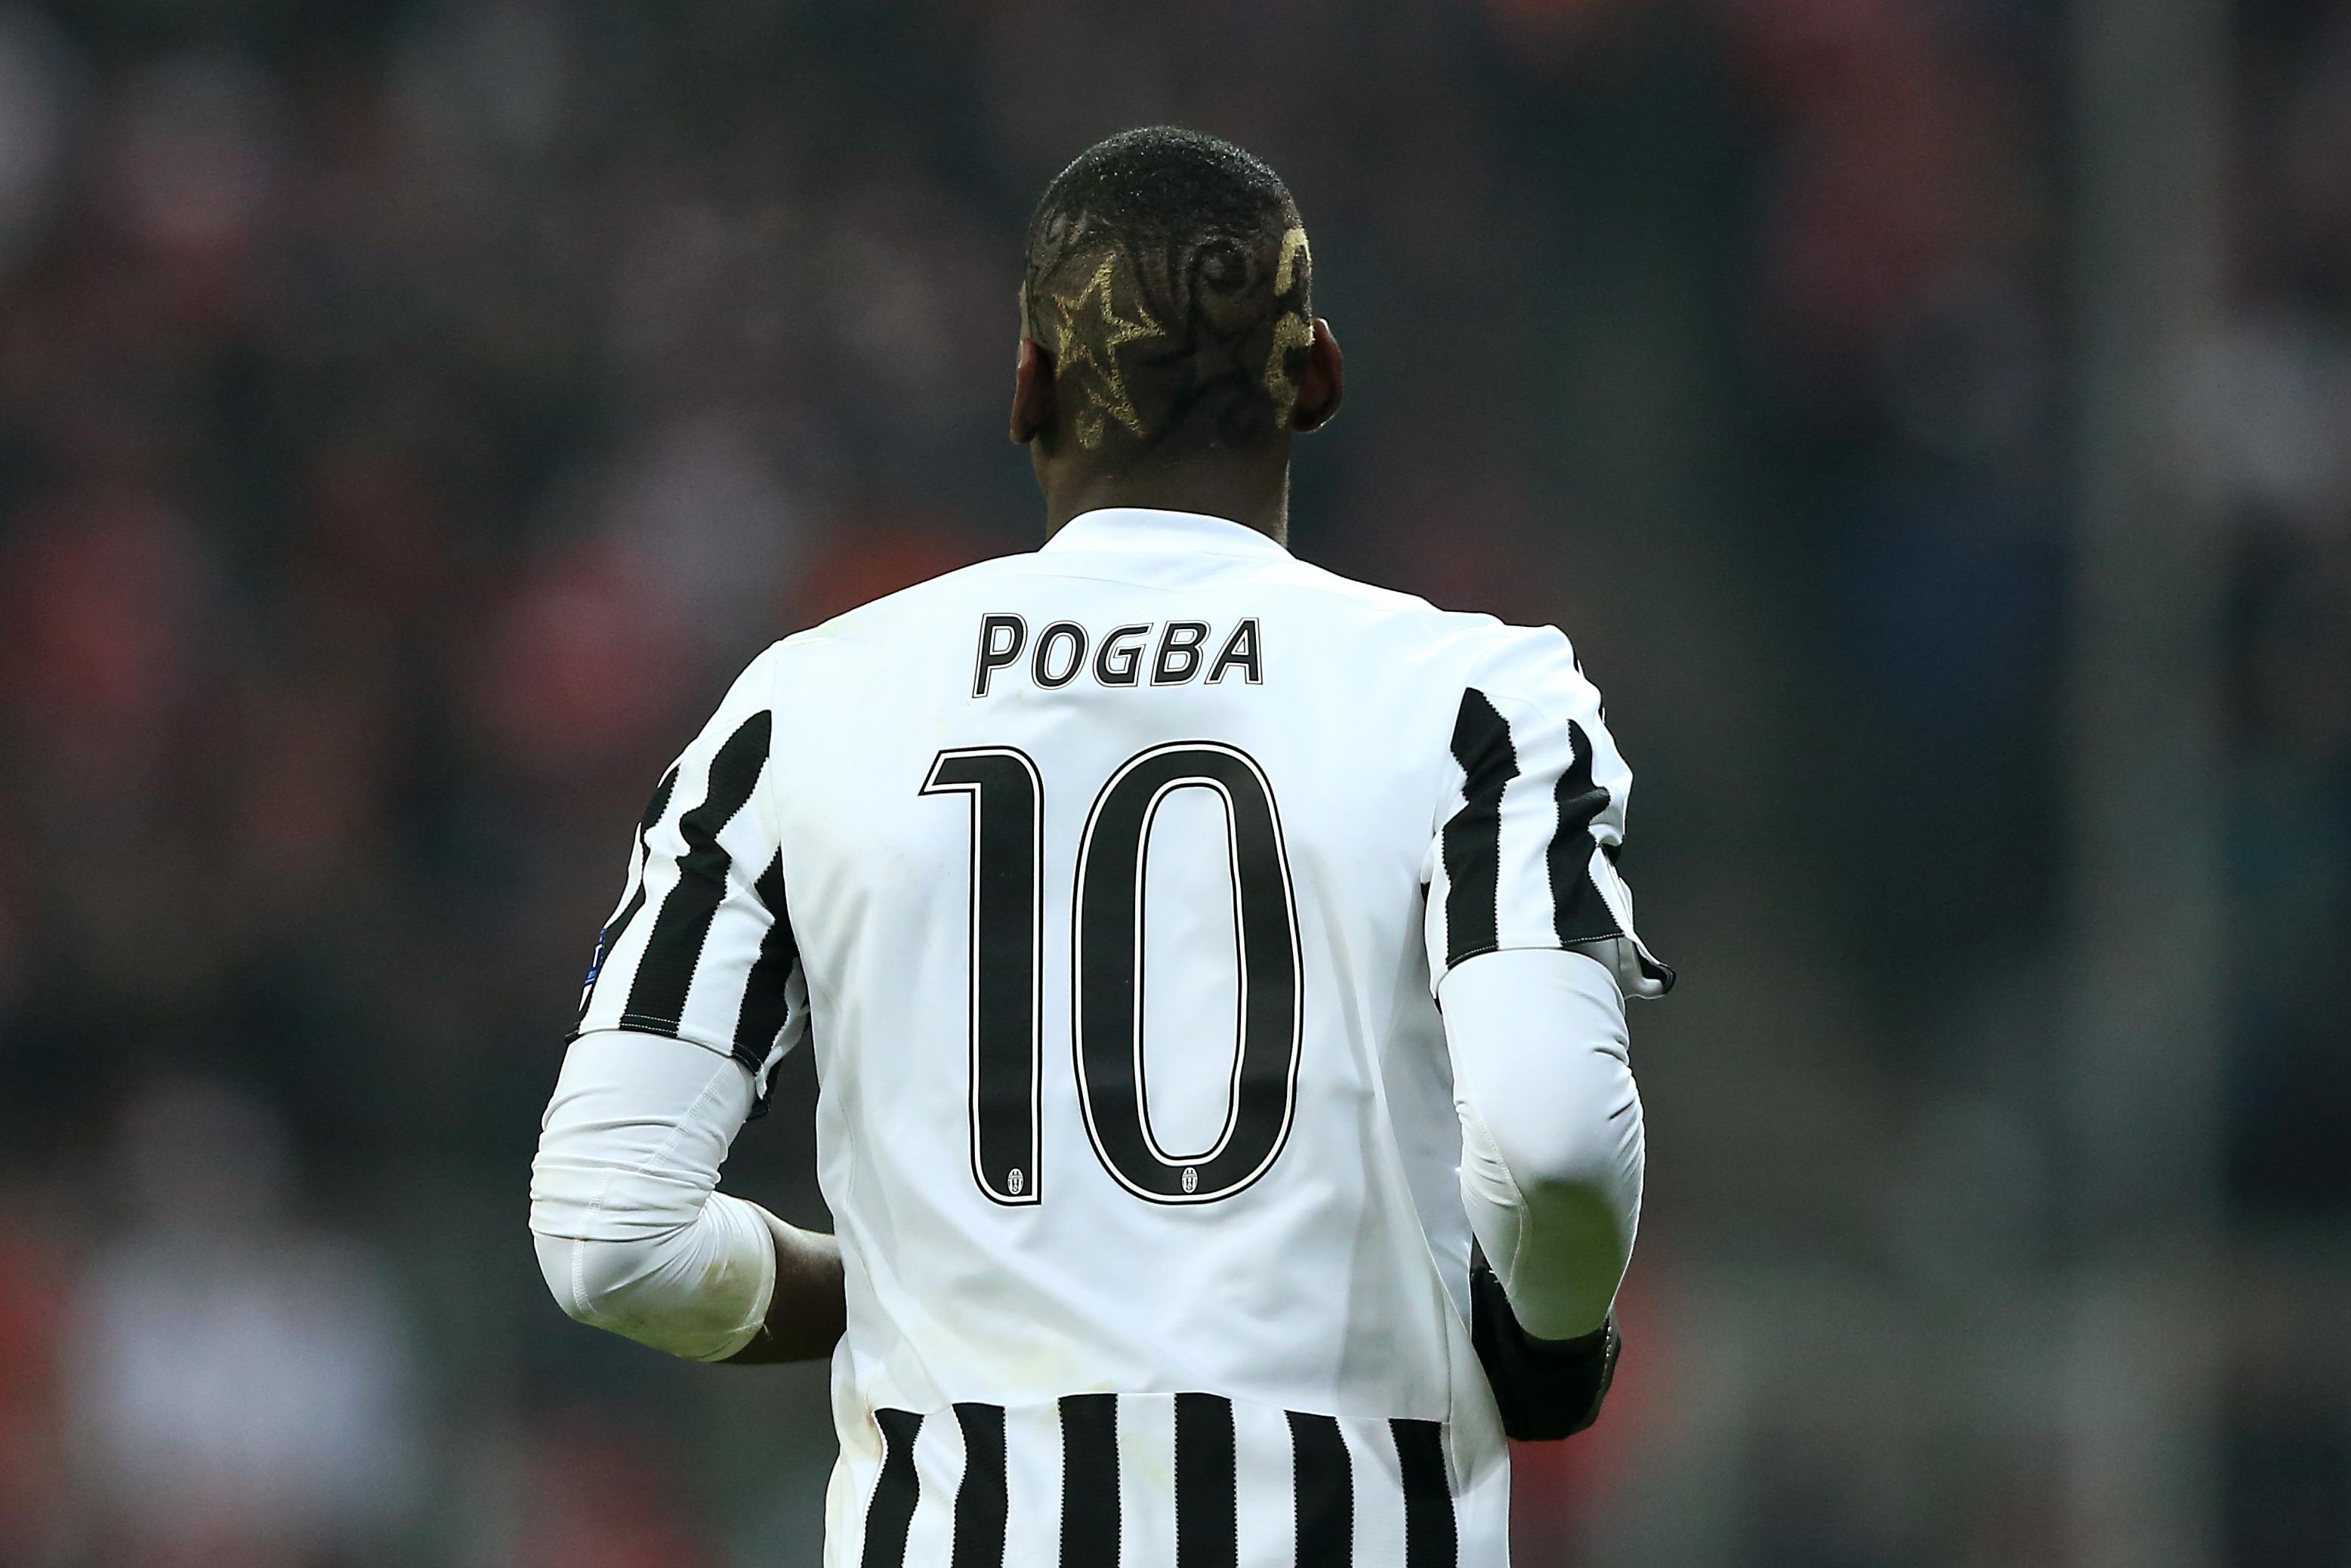 Bằng chứng Pogba vẫn đẳng cấp dù ở Juve hay M.U - Bóng Đá